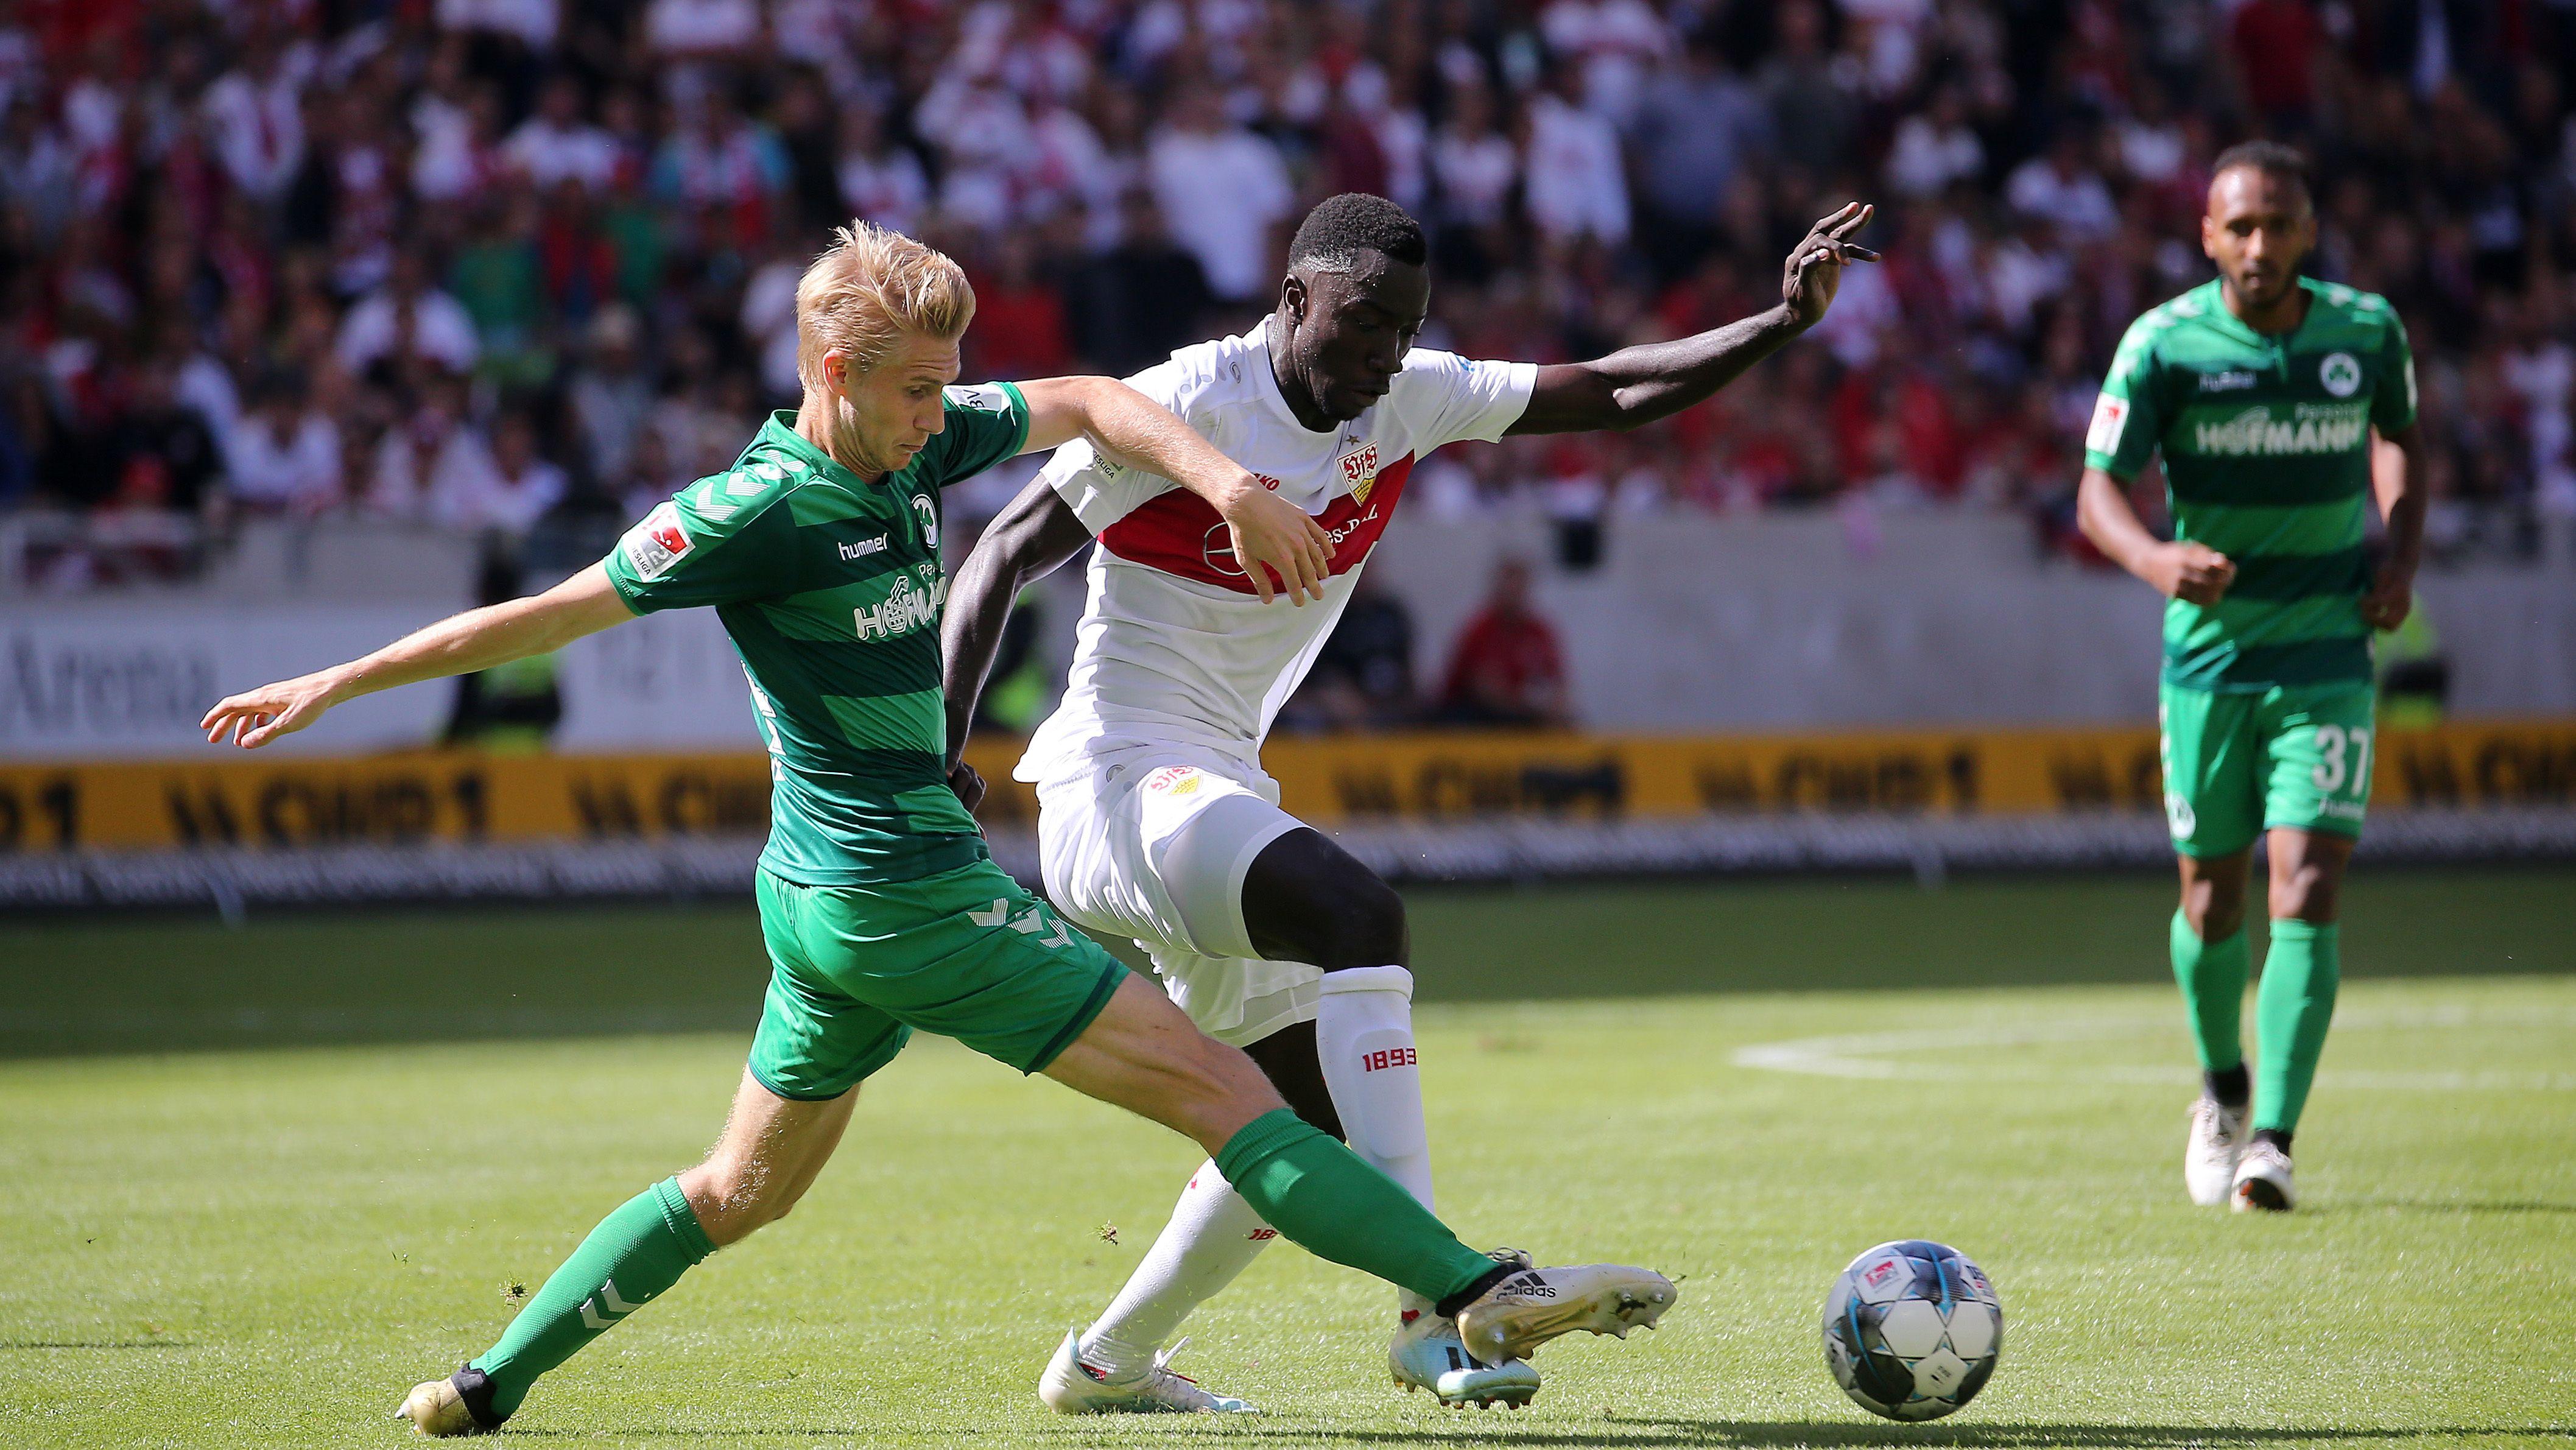 Spielszene VfB Stuttgart - SpVgg Greuther Fürth